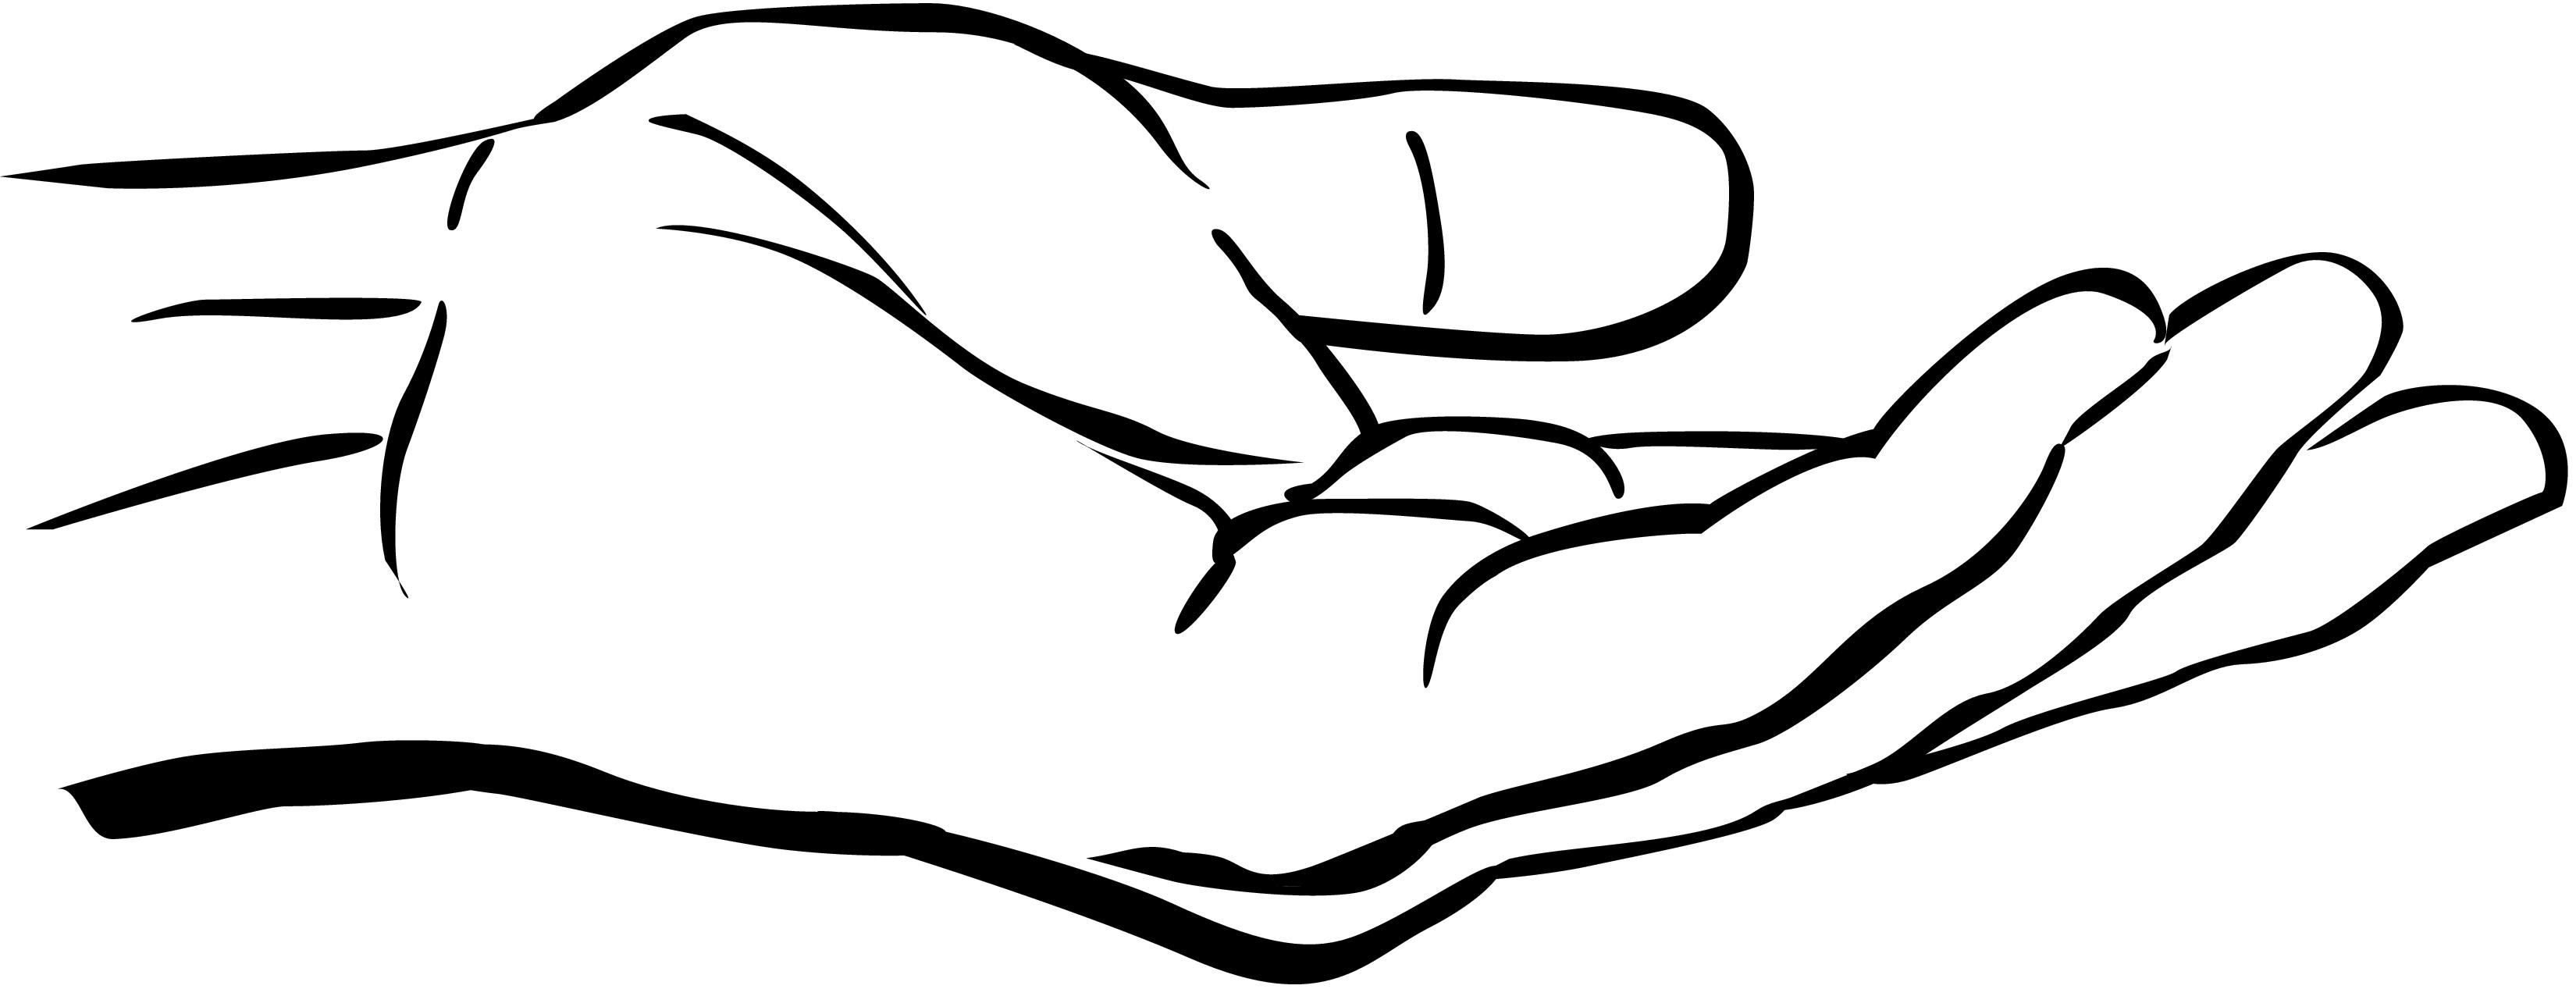 Jesus Hands Clip Art